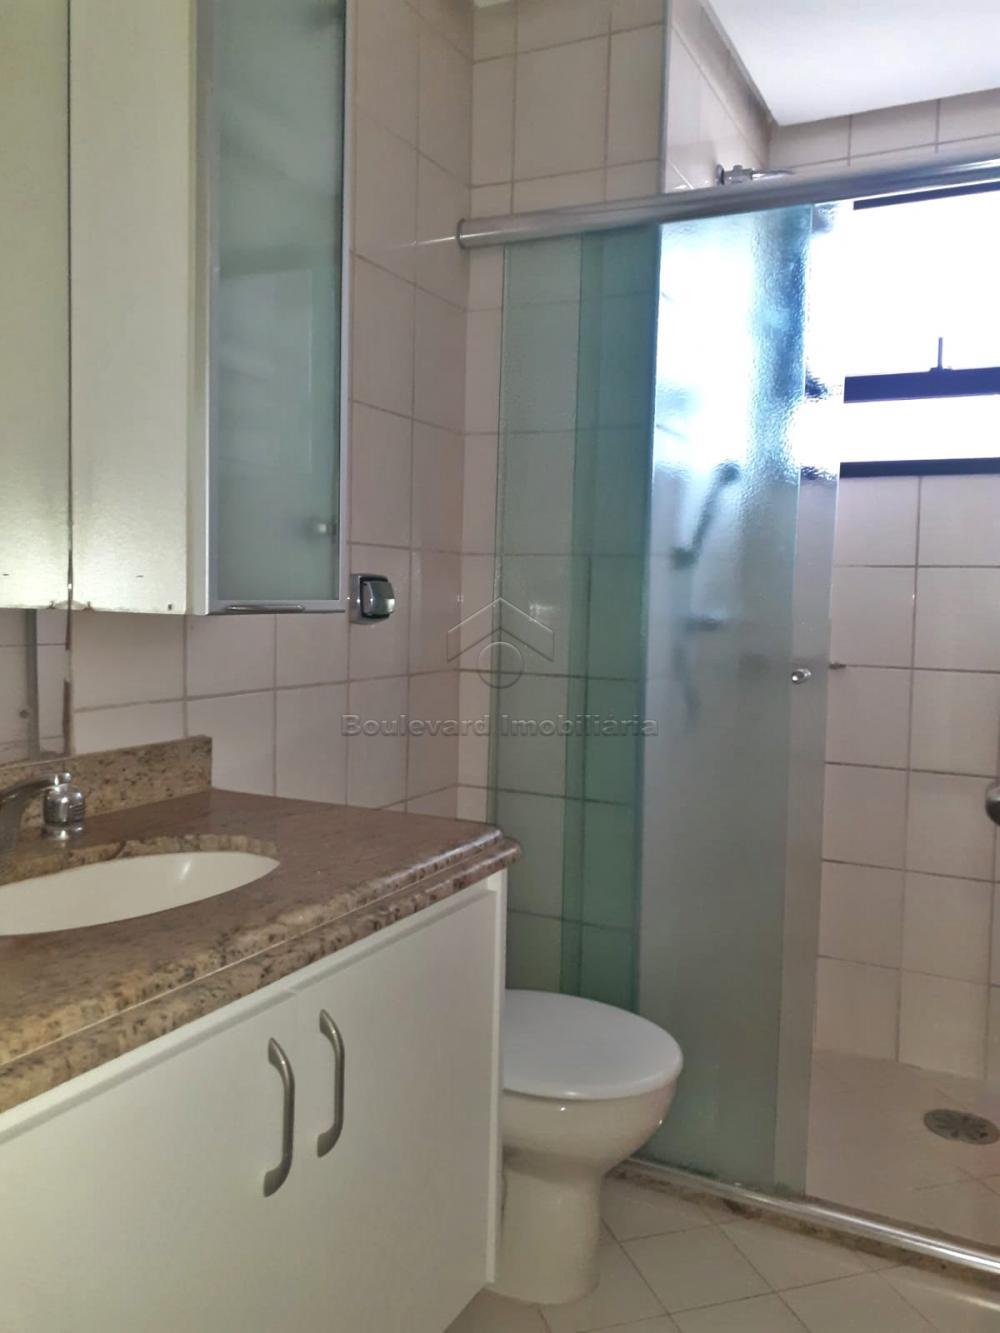 Alugar Apartamento / Padrão em Ribeirão Preto R$ 2.600,00 - Foto 23